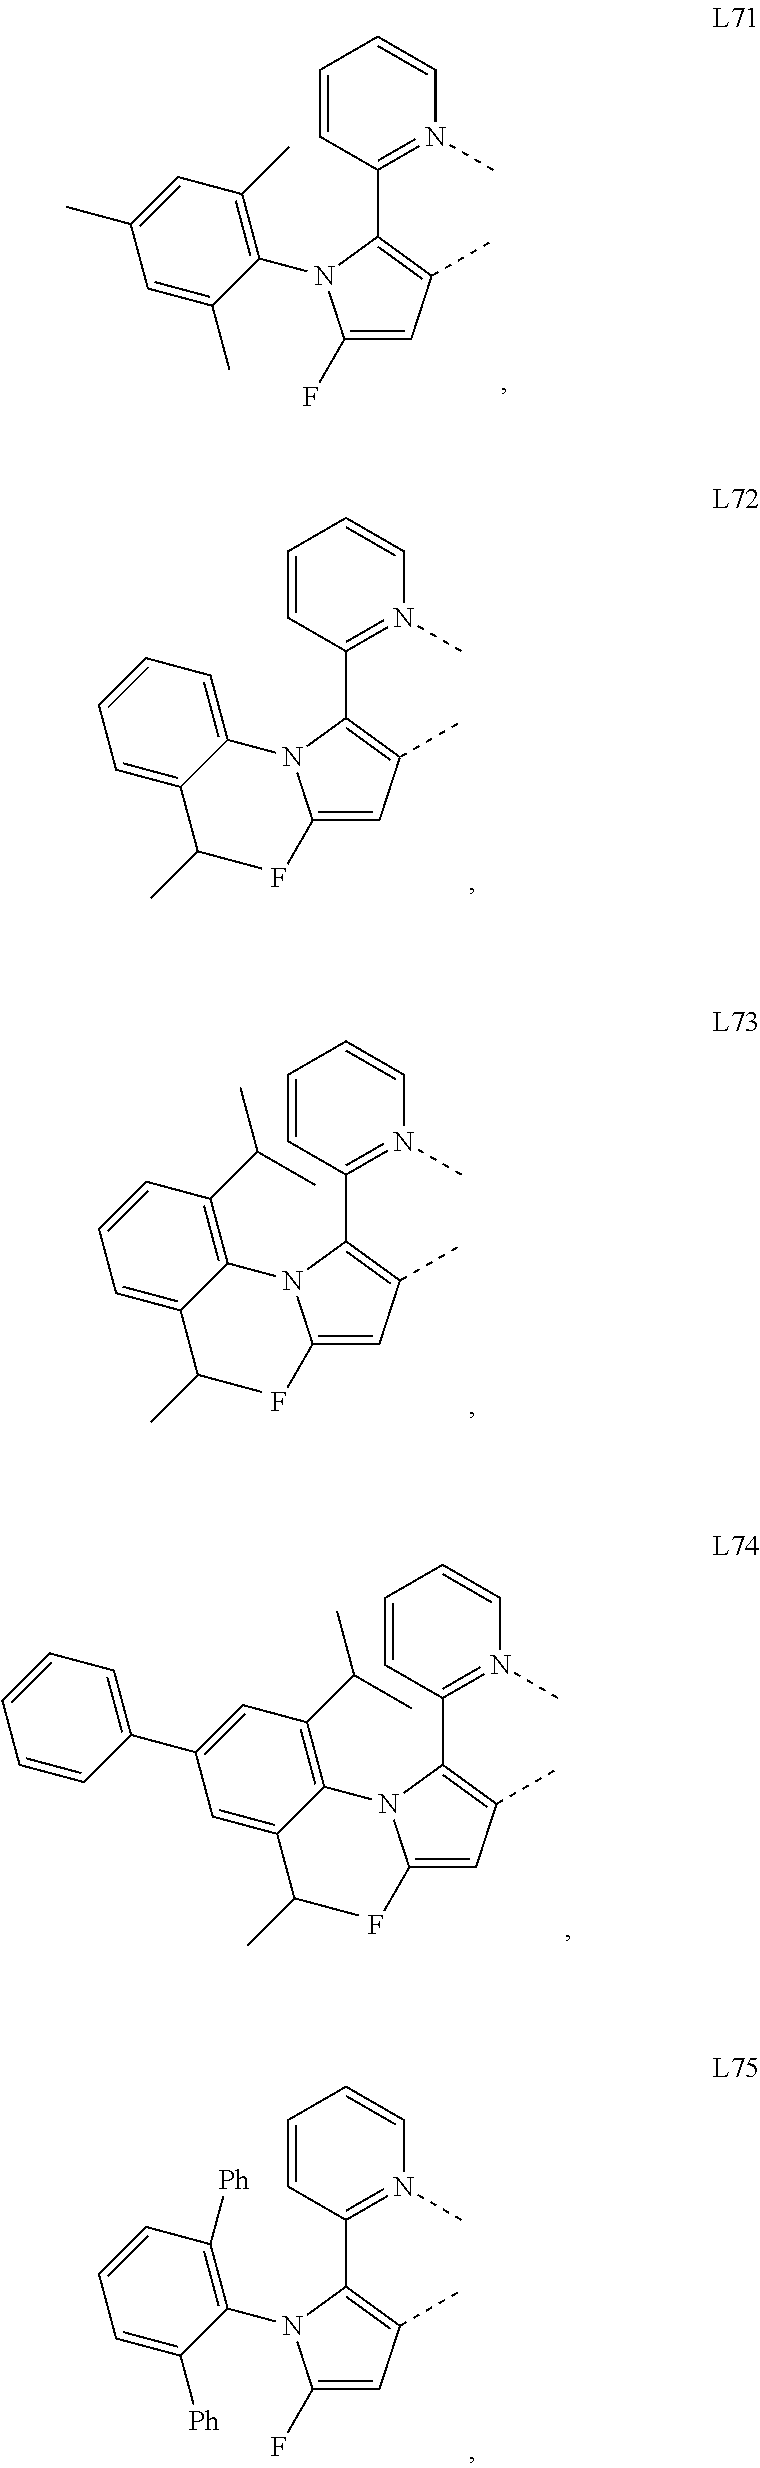 Figure US09935277-20180403-C00019